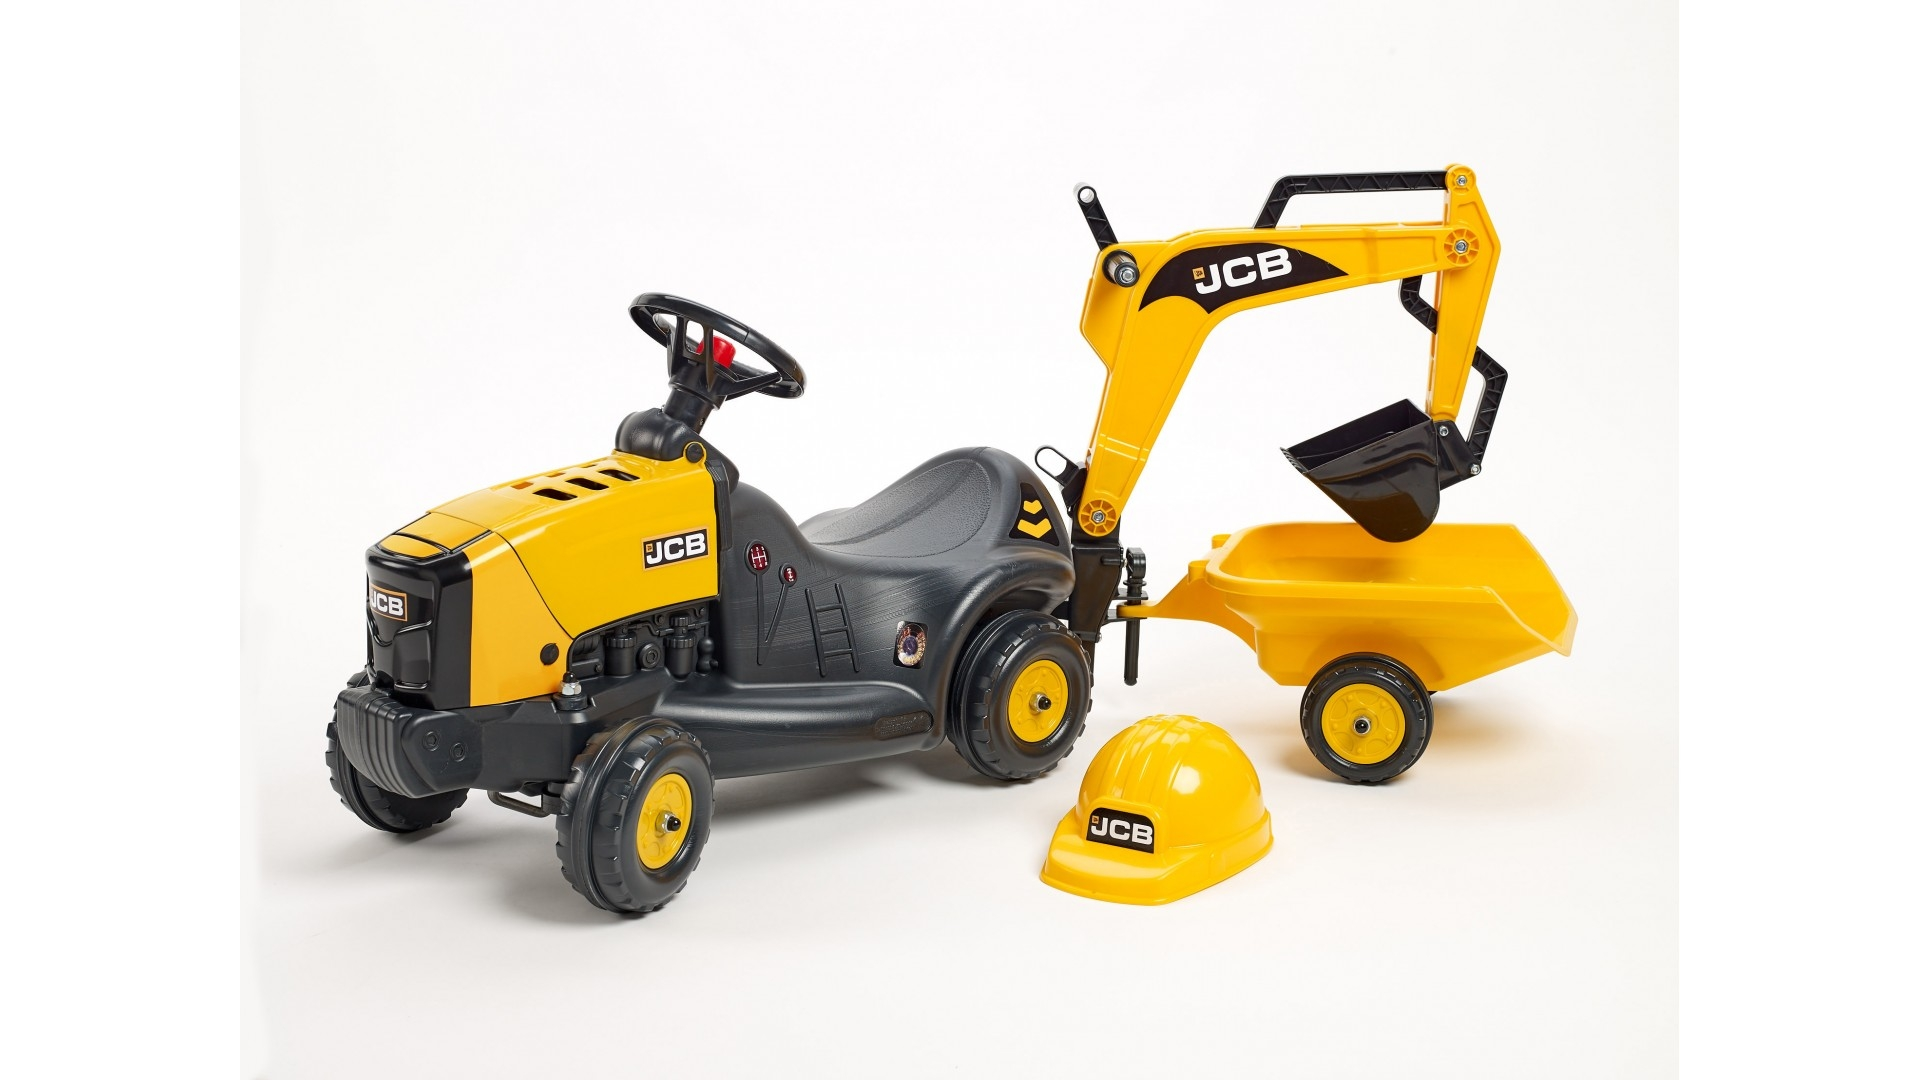 Odrážedlo JCB traktor 3035 s nakládací lžící, vozíkem a helmou, délka 121cm, Made in France,